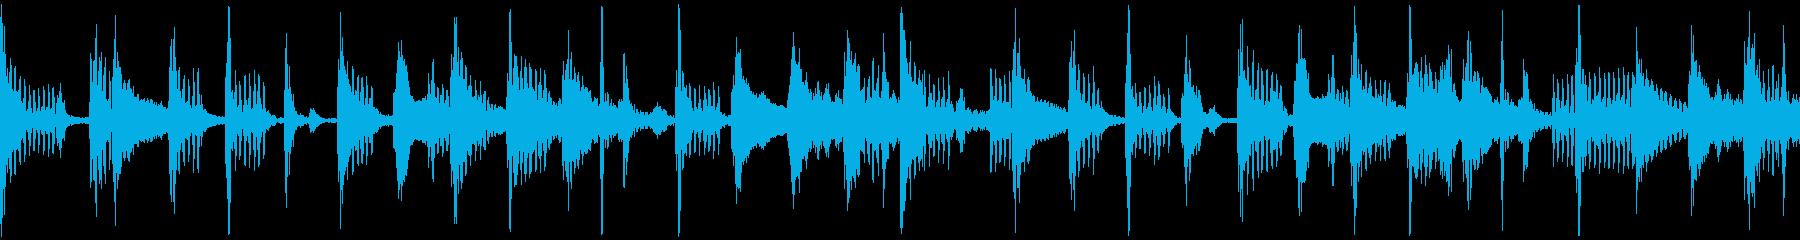 ノリのいいループの再生済みの波形